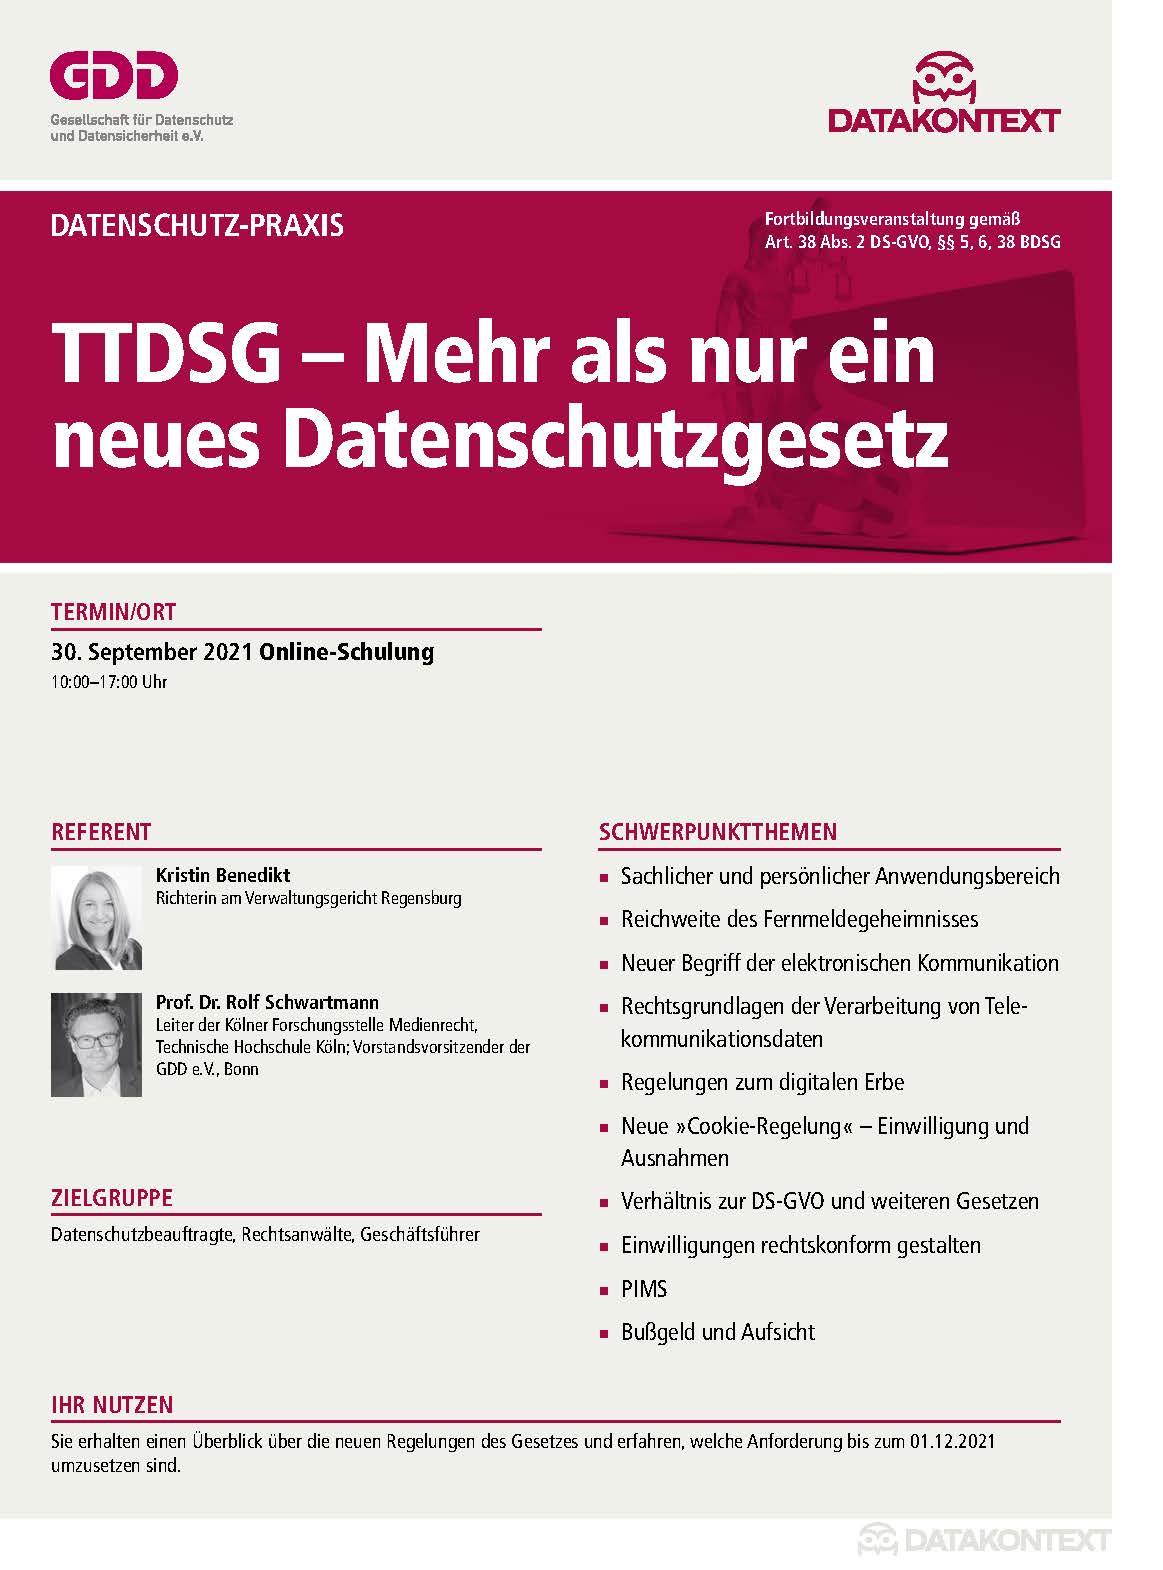 TTDSG – Mehr als nur ein neues Datenschutzgesetz